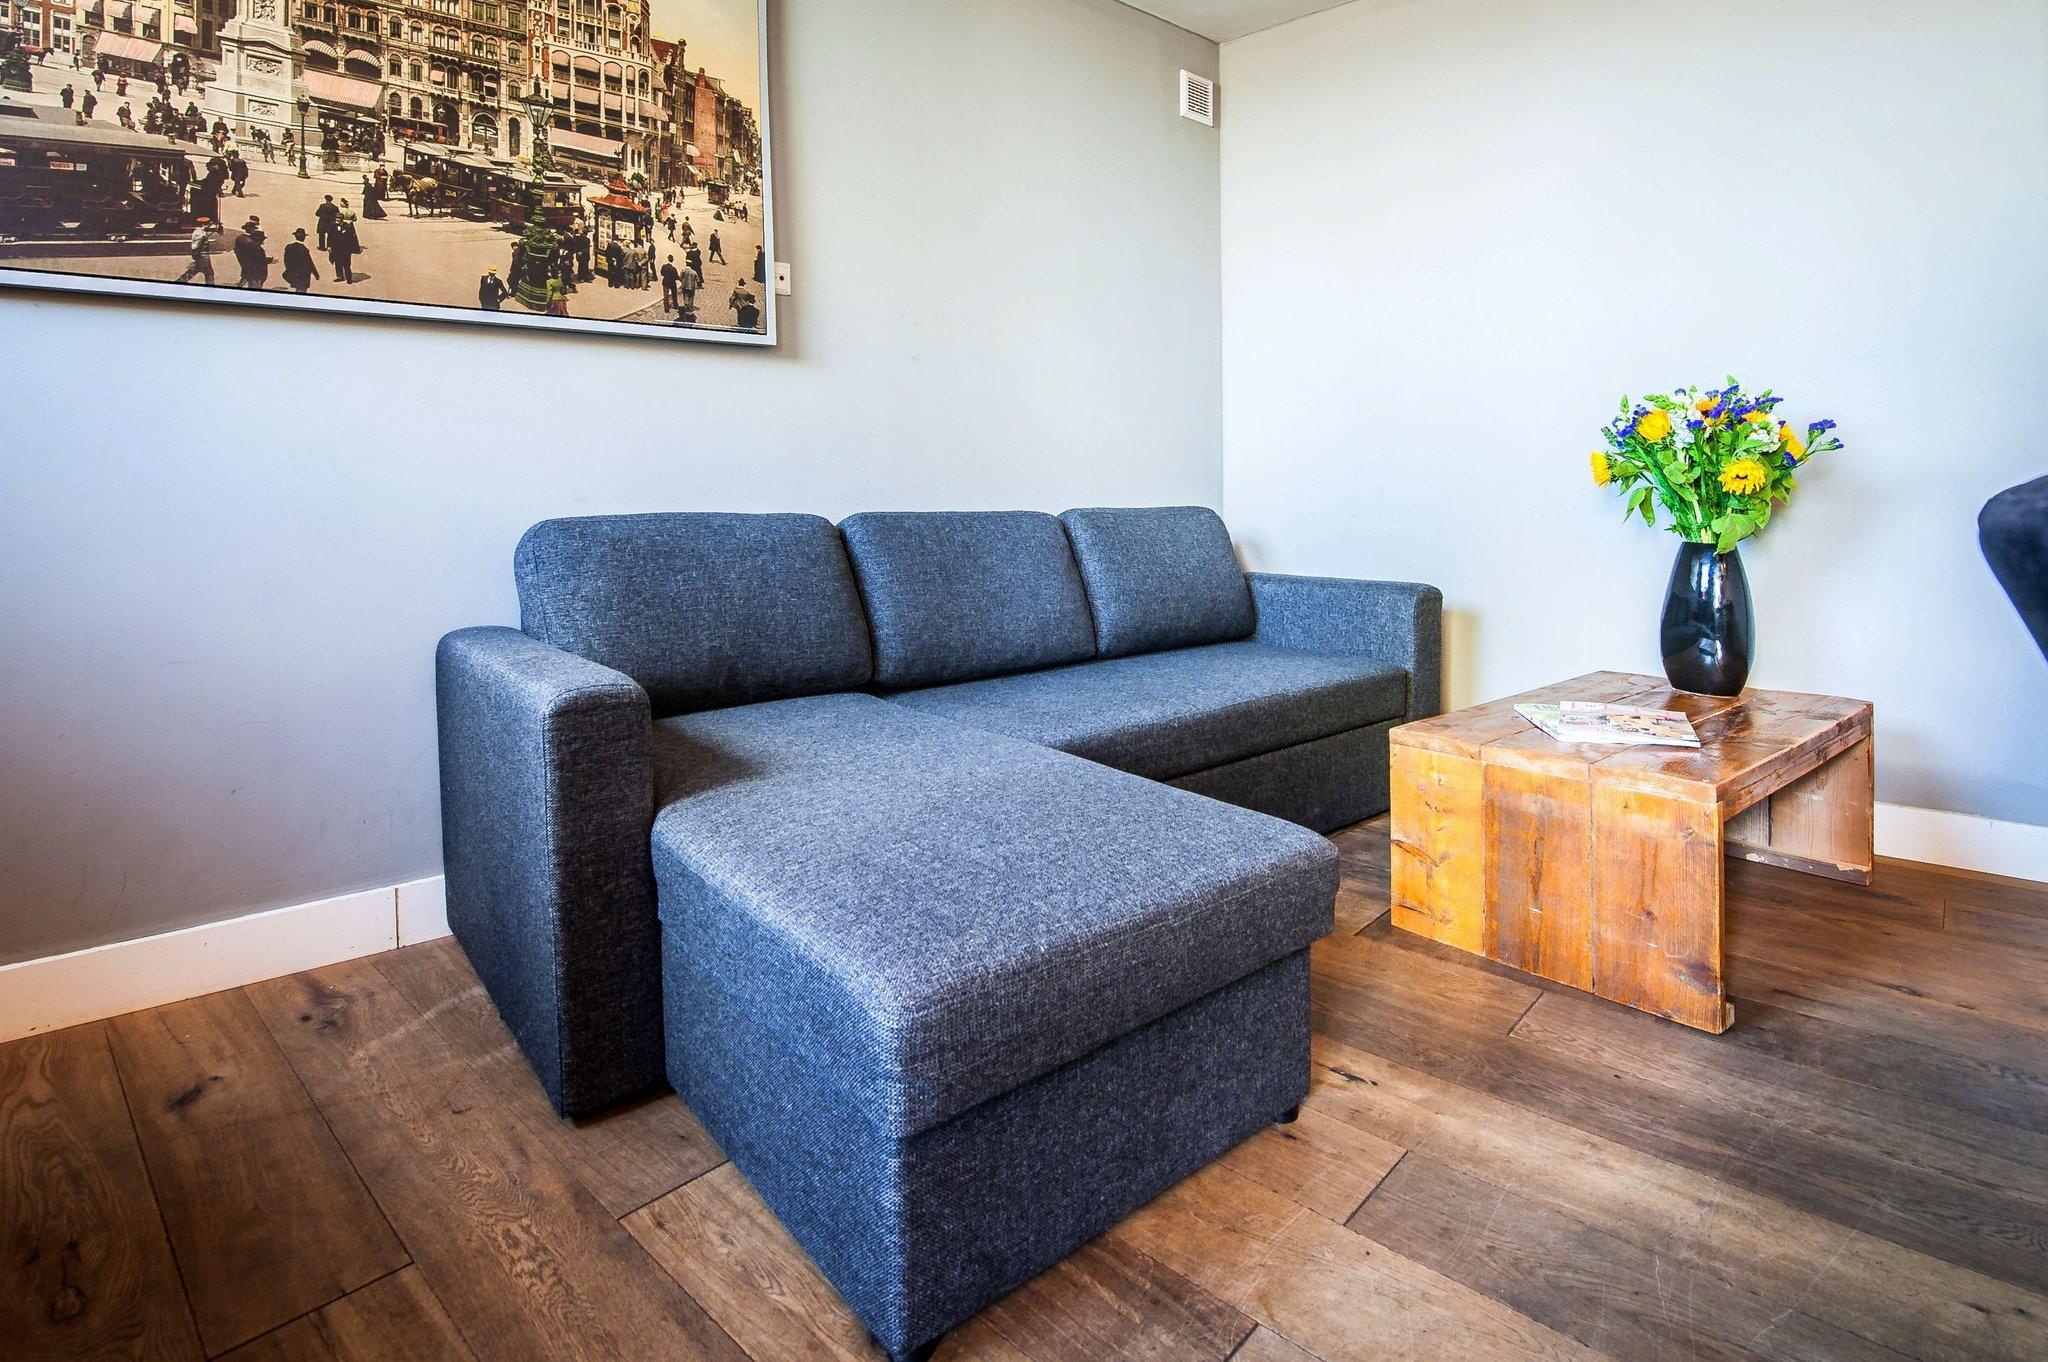 One bedroom apartment economy